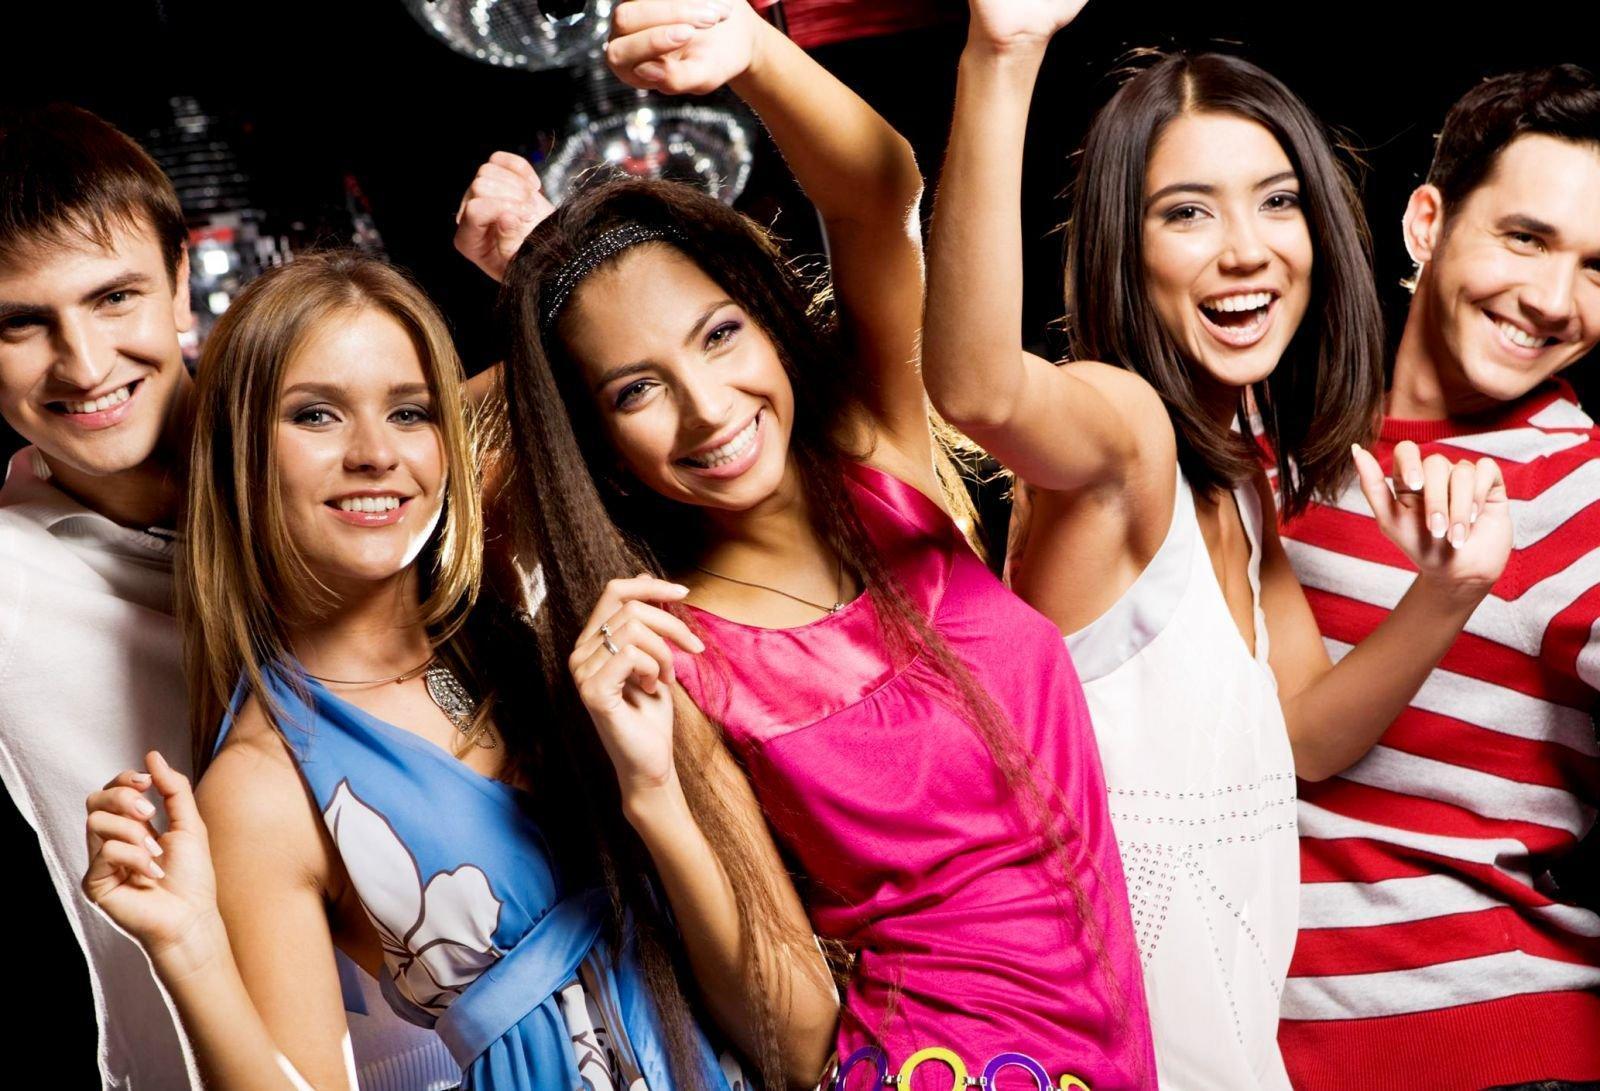 фото симпатичные девушки в клубе достанет огромное дилдо